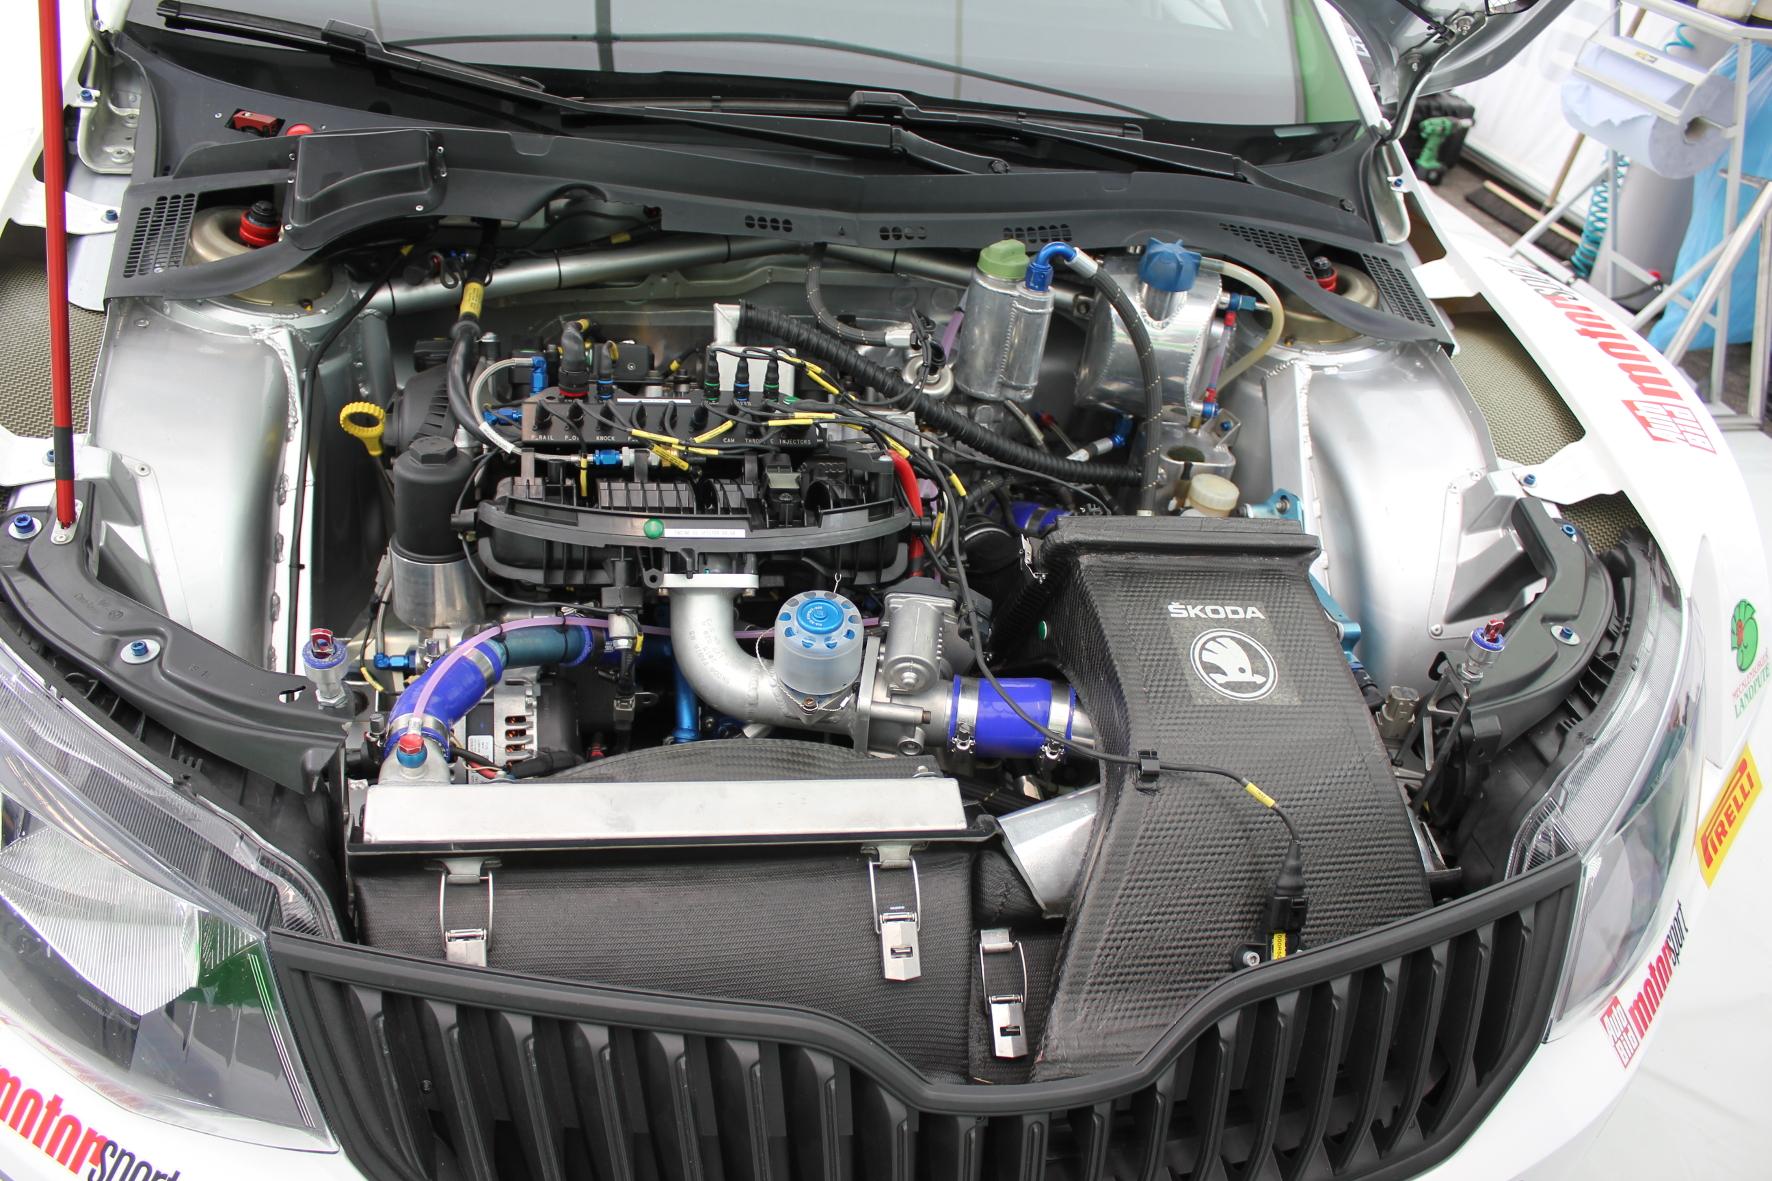 Nichts geht mehr: Auf der Wertungsprüfung springt der Motor der Fabia RS plötzlich nicht mehr an. Jetzt geht es auf Fehlersuche.